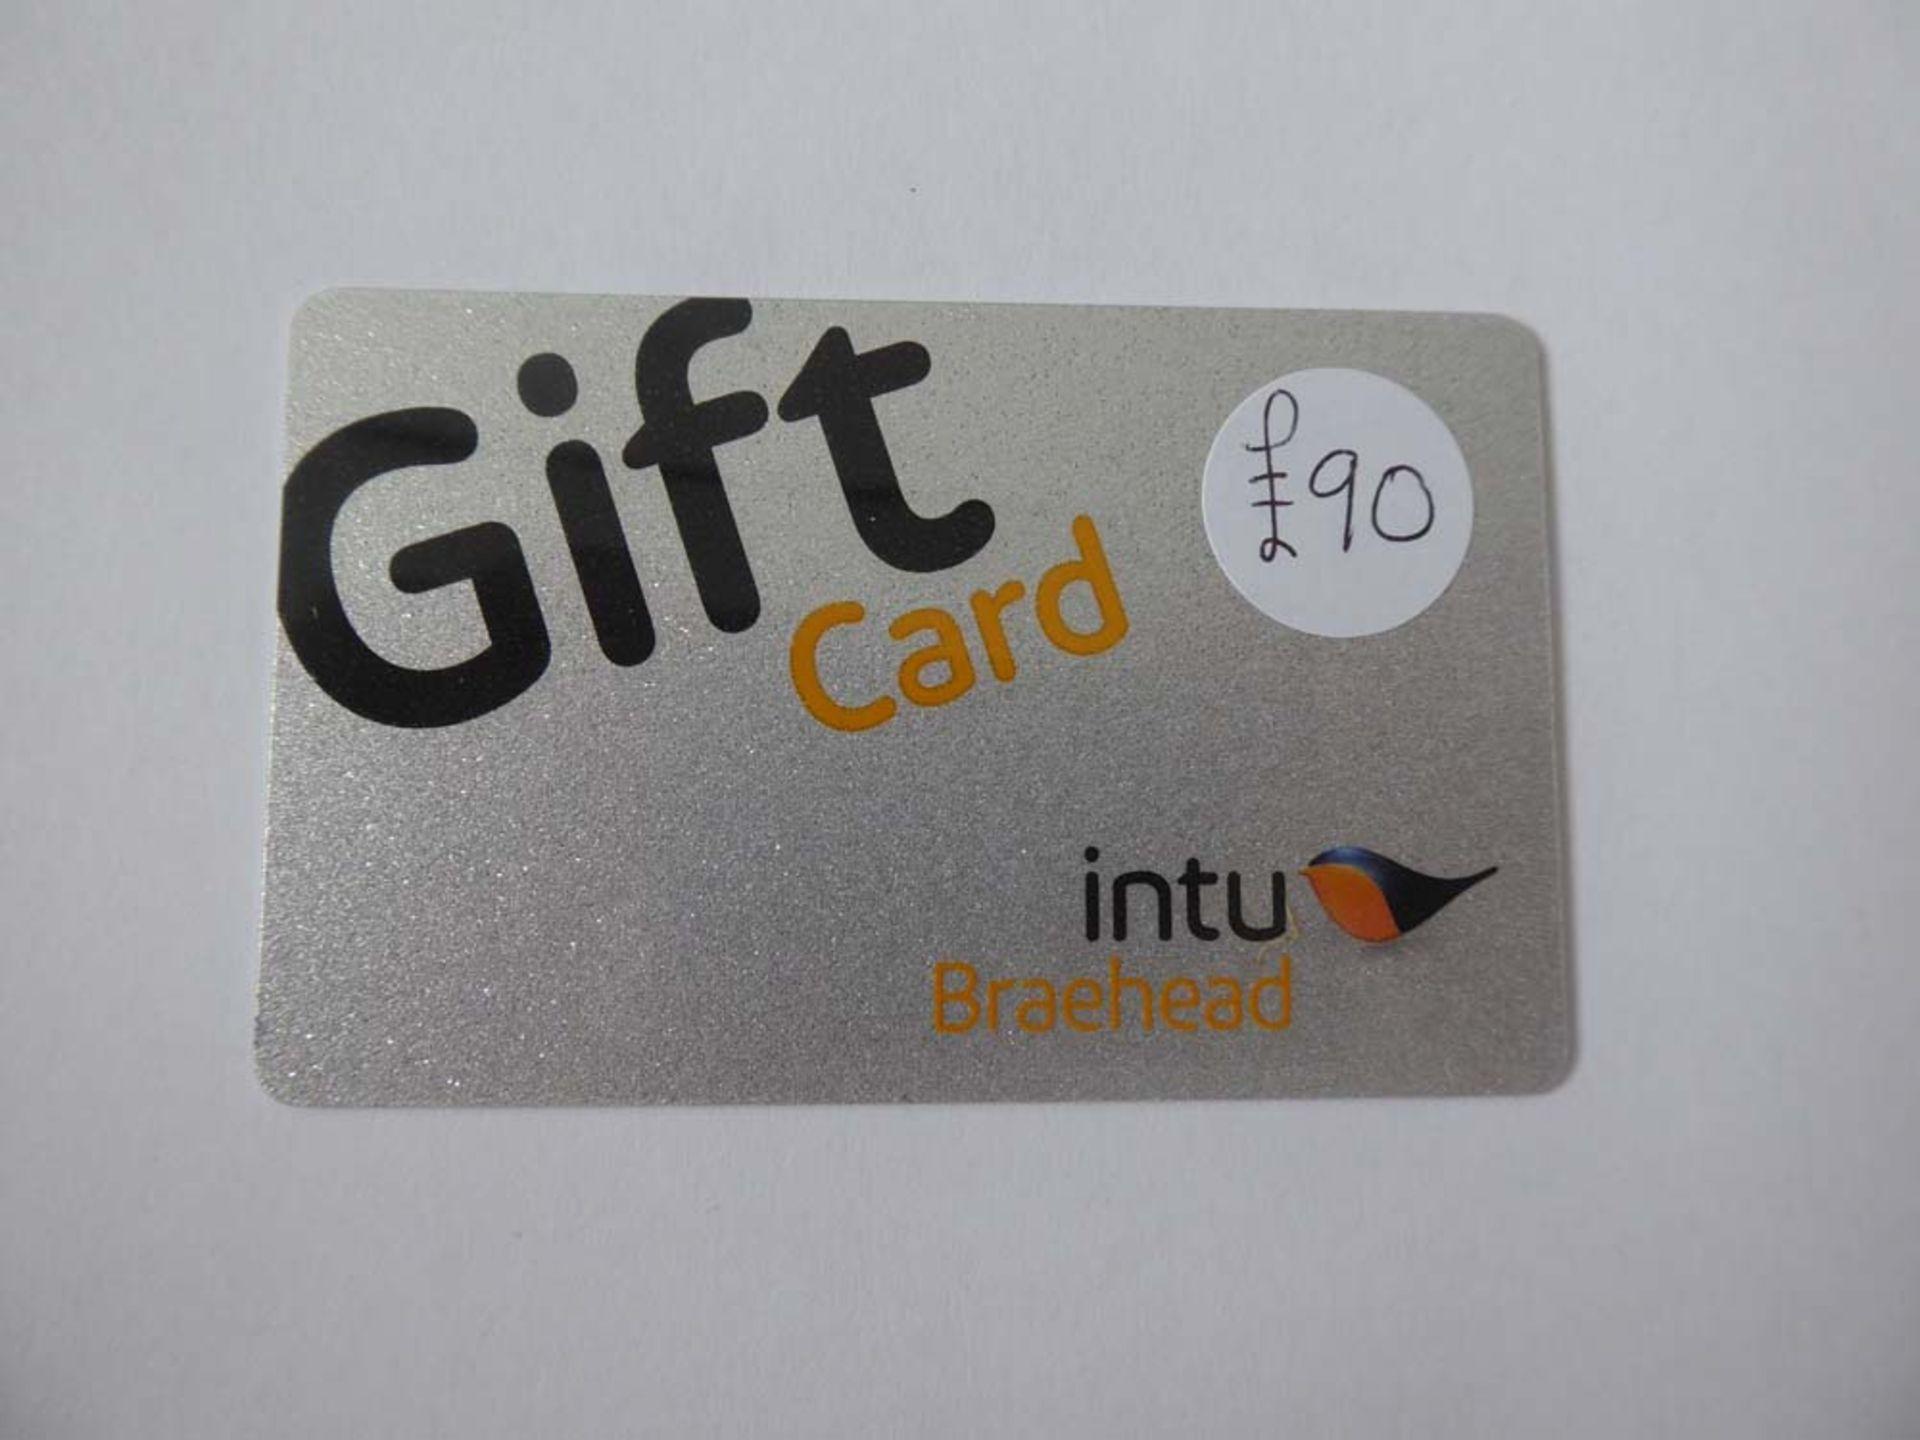 Intu (x1) - Total face value £90